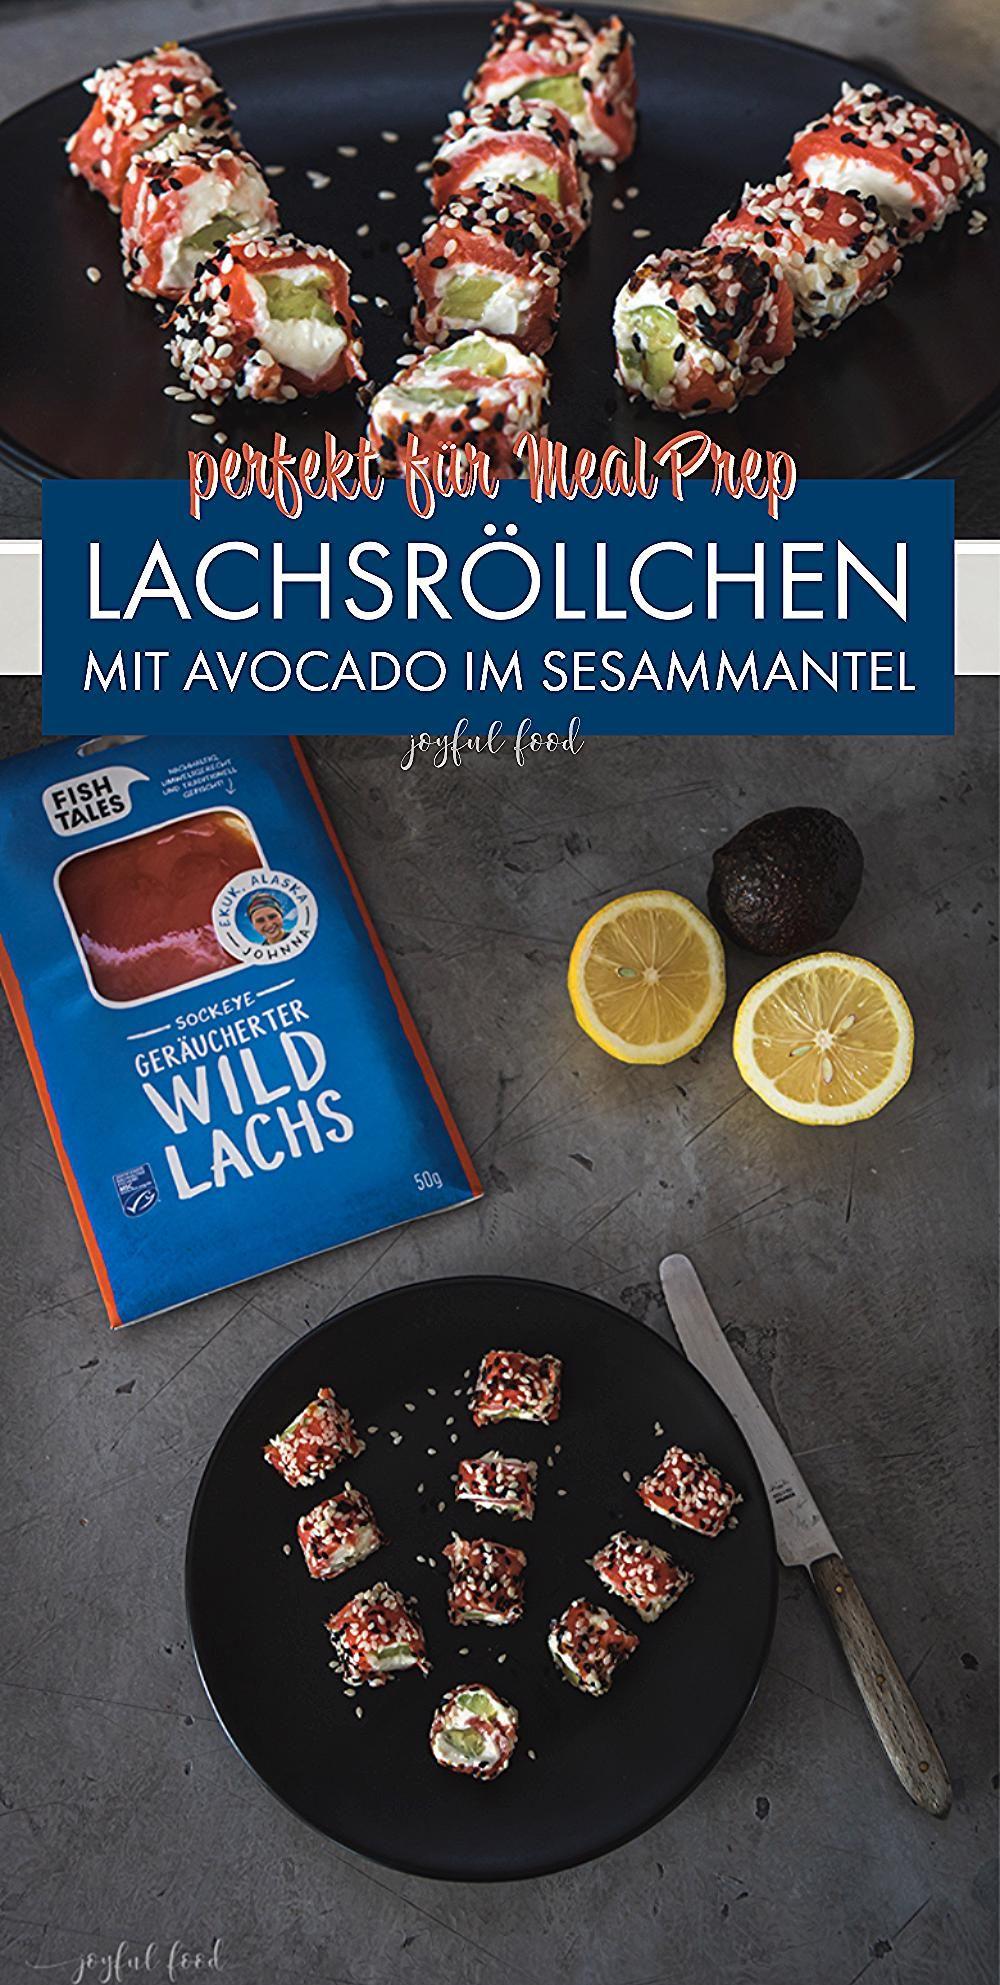 Werbung - leckeres Lachs Röllchen Rezept mit Avocado im Sesammantel. Erfrischendes, leckeres Finge